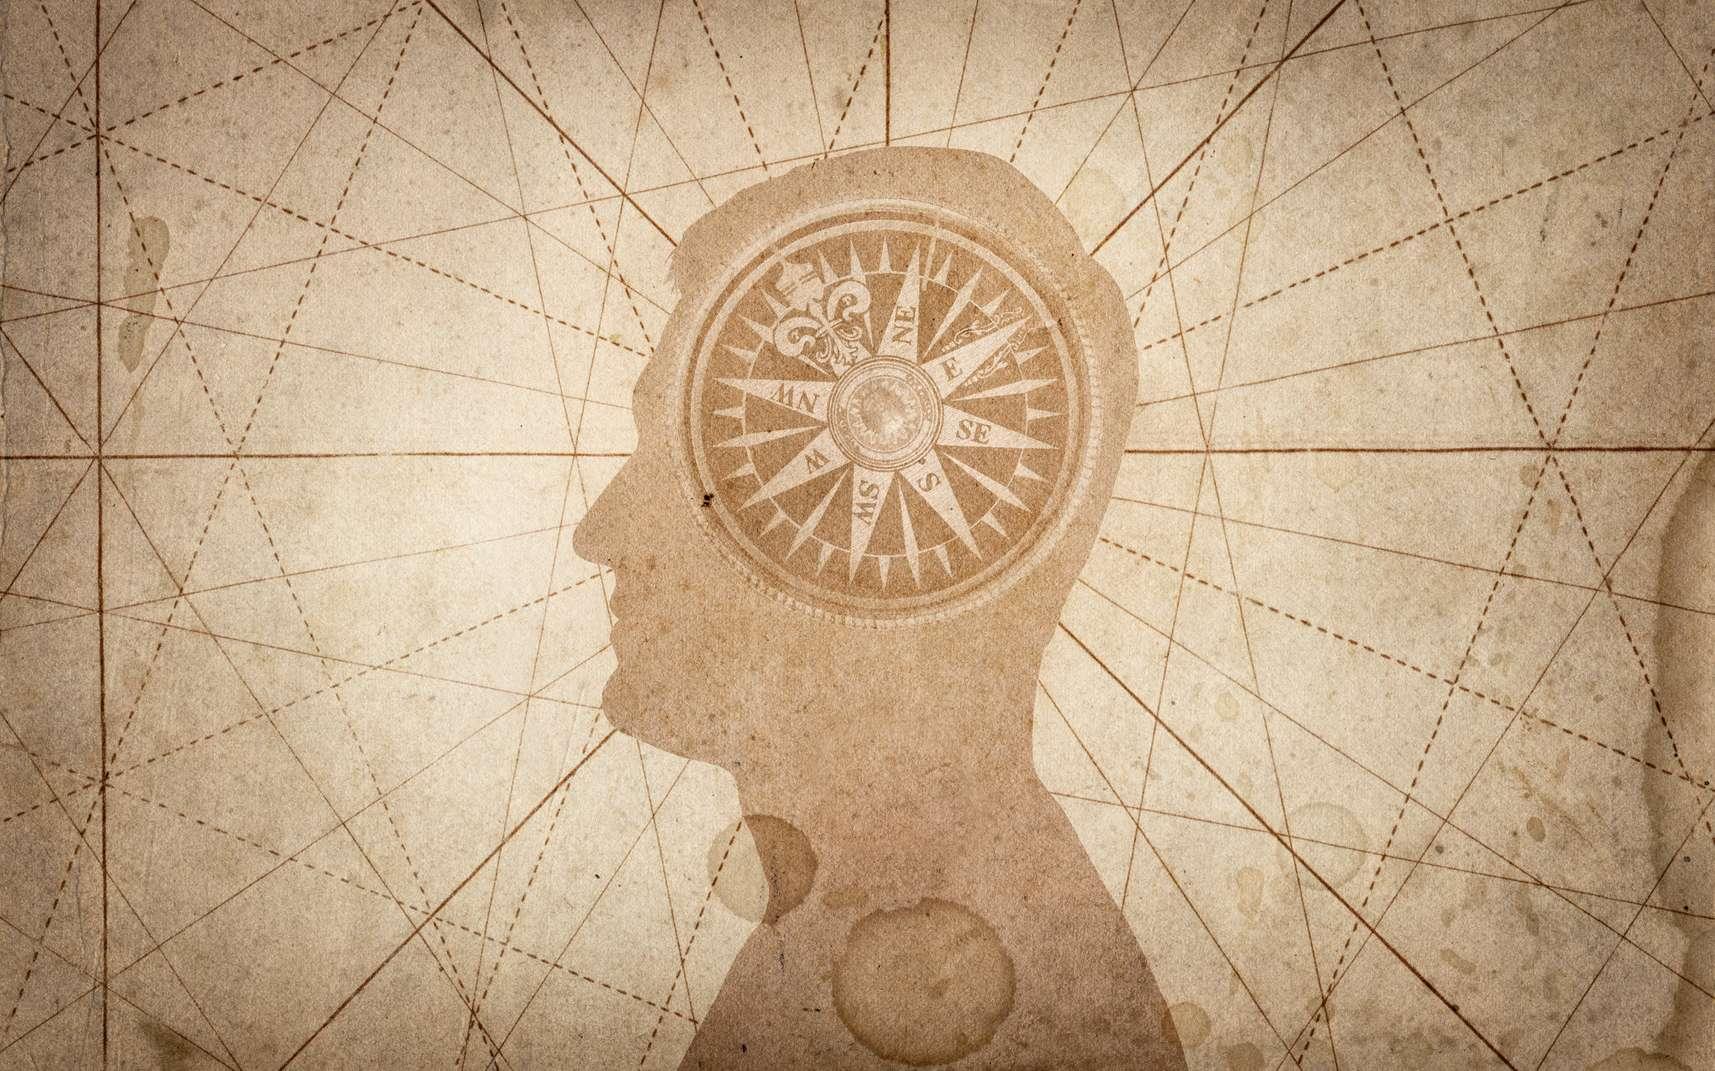 Améliorer sa mémoire, c'est possible grâce à ces astuces validées scientifiquement. © Tryfonov, Fotolia